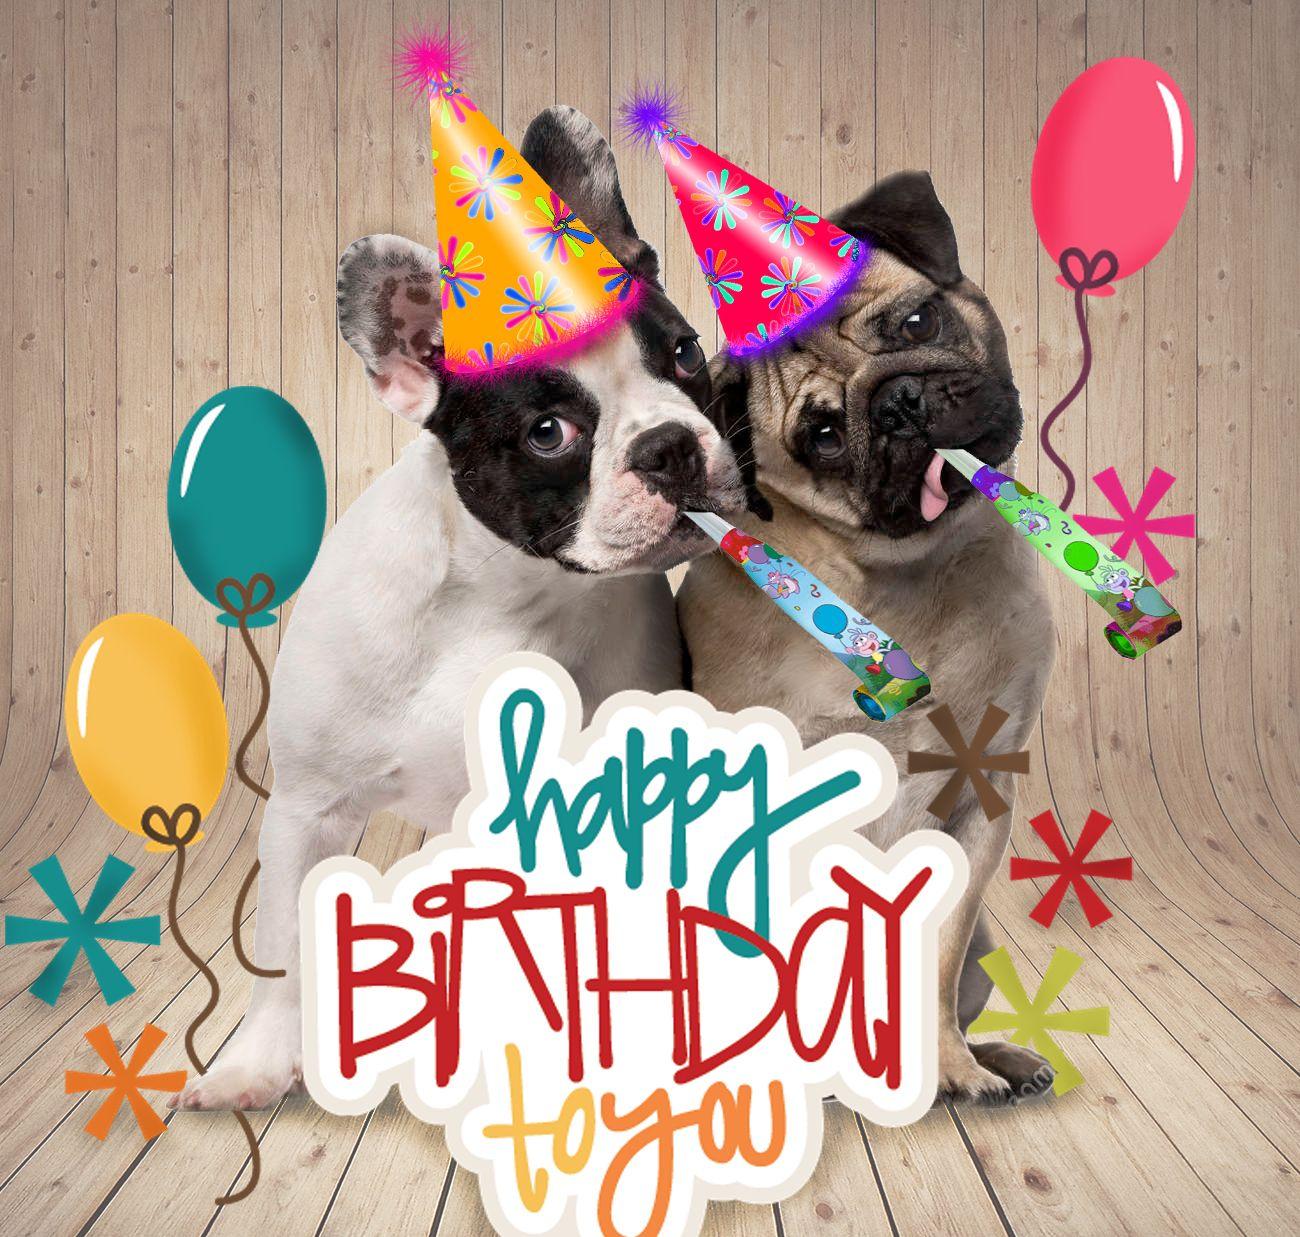 French Bull Dog Pug Friends Birthday Card Funny Stuff